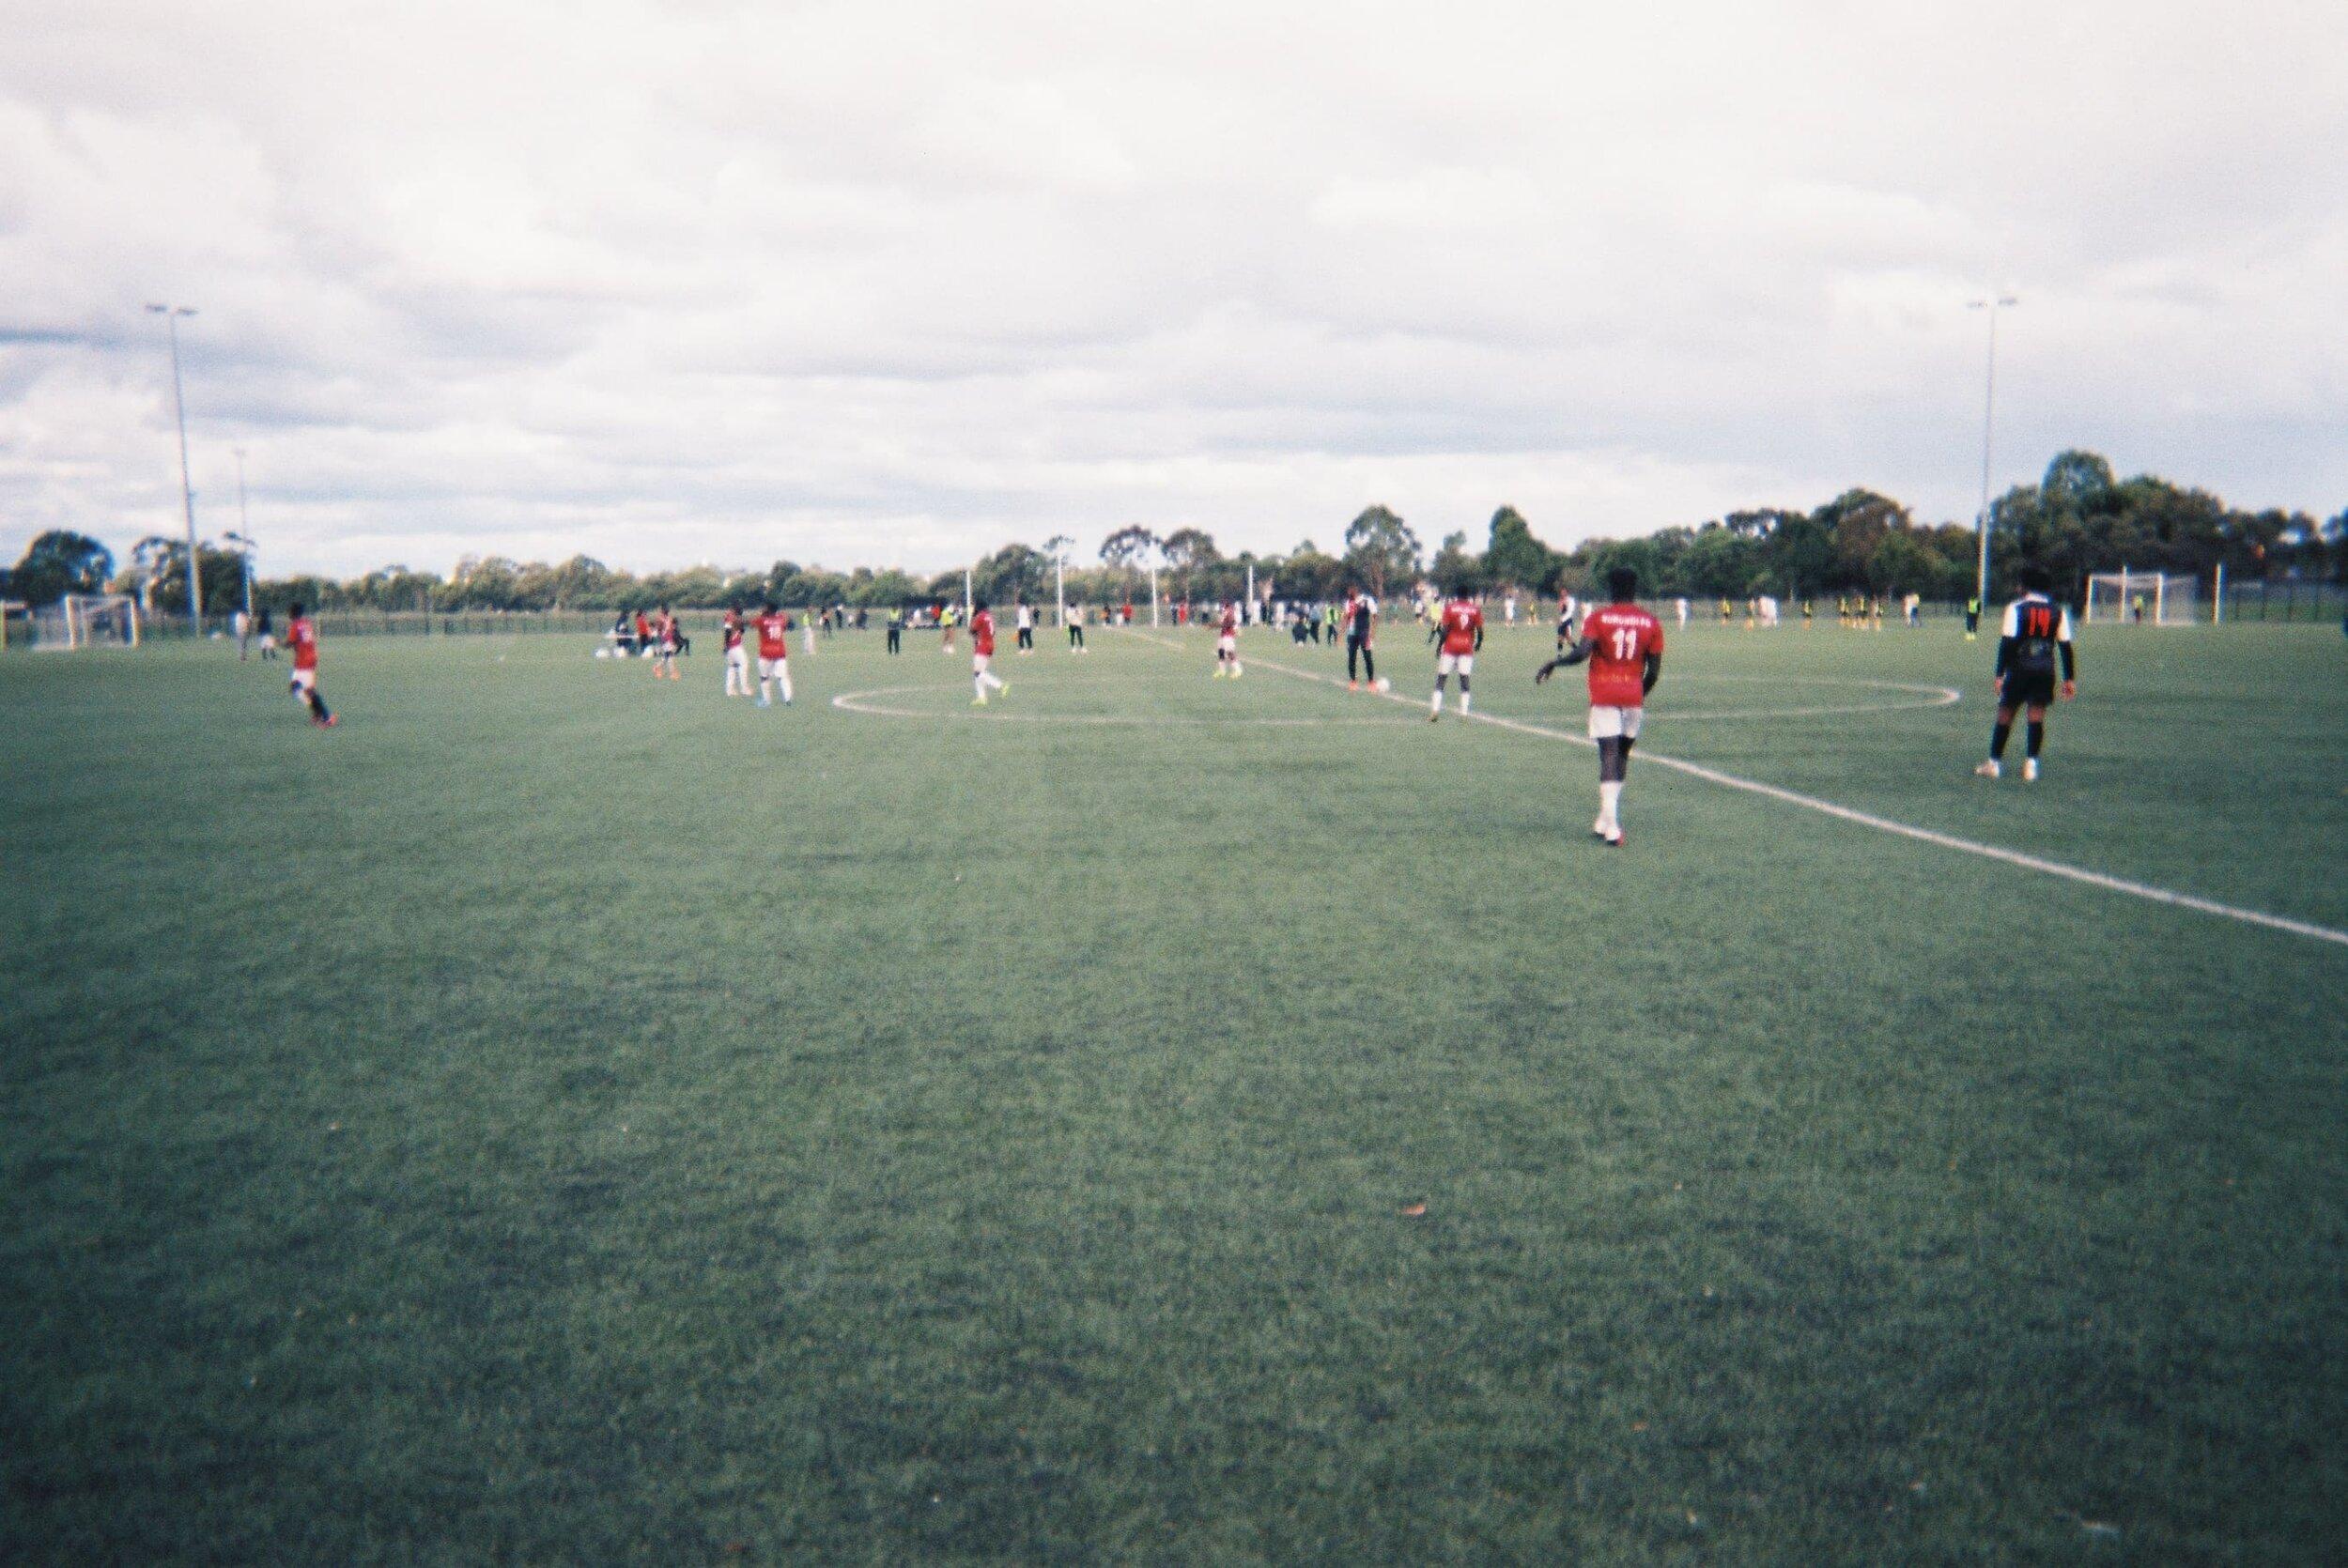 Αυστραλία - Football Victoria - Eangano 7.jpg